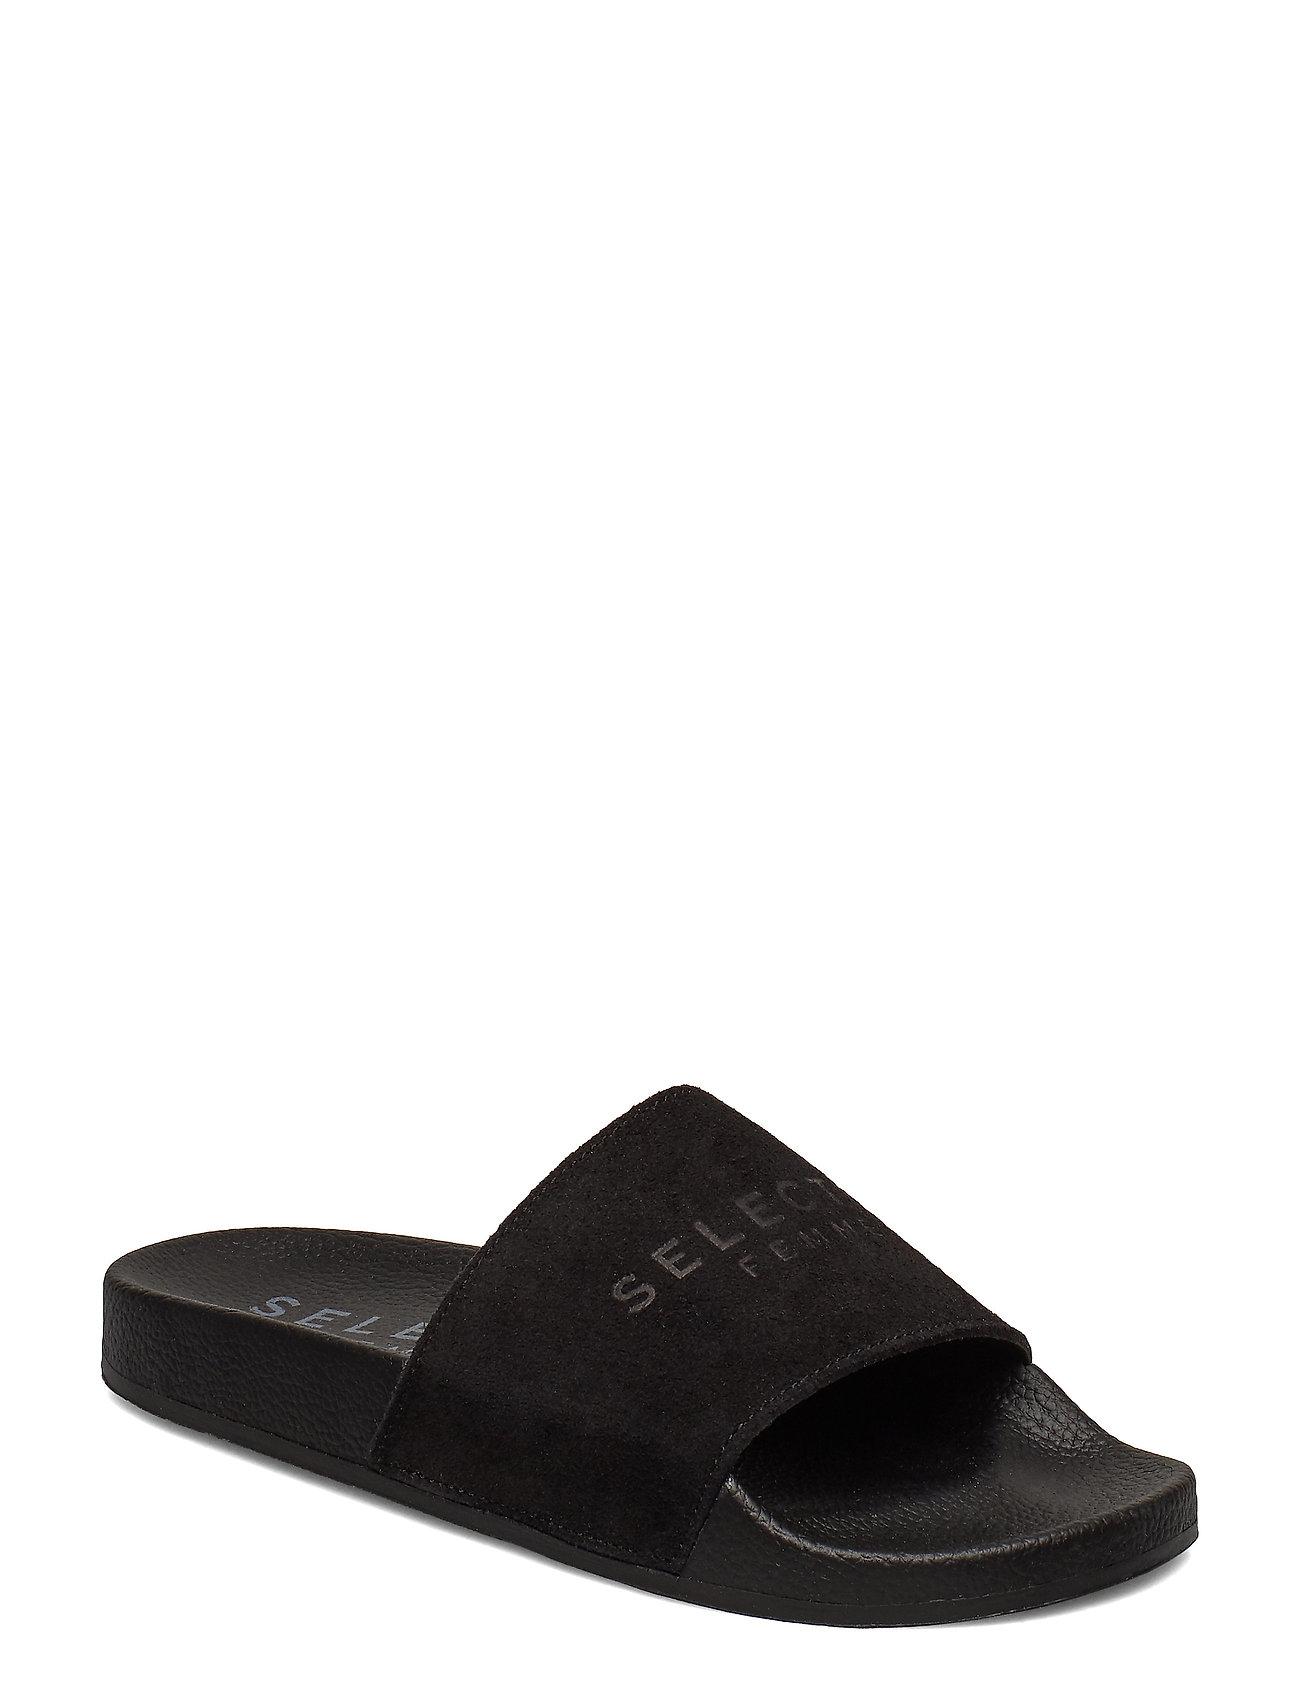 dde6d724d22 Slfsteph Suede Slider B (Black) (34.99 €) - Selected Femme - | Boozt.com